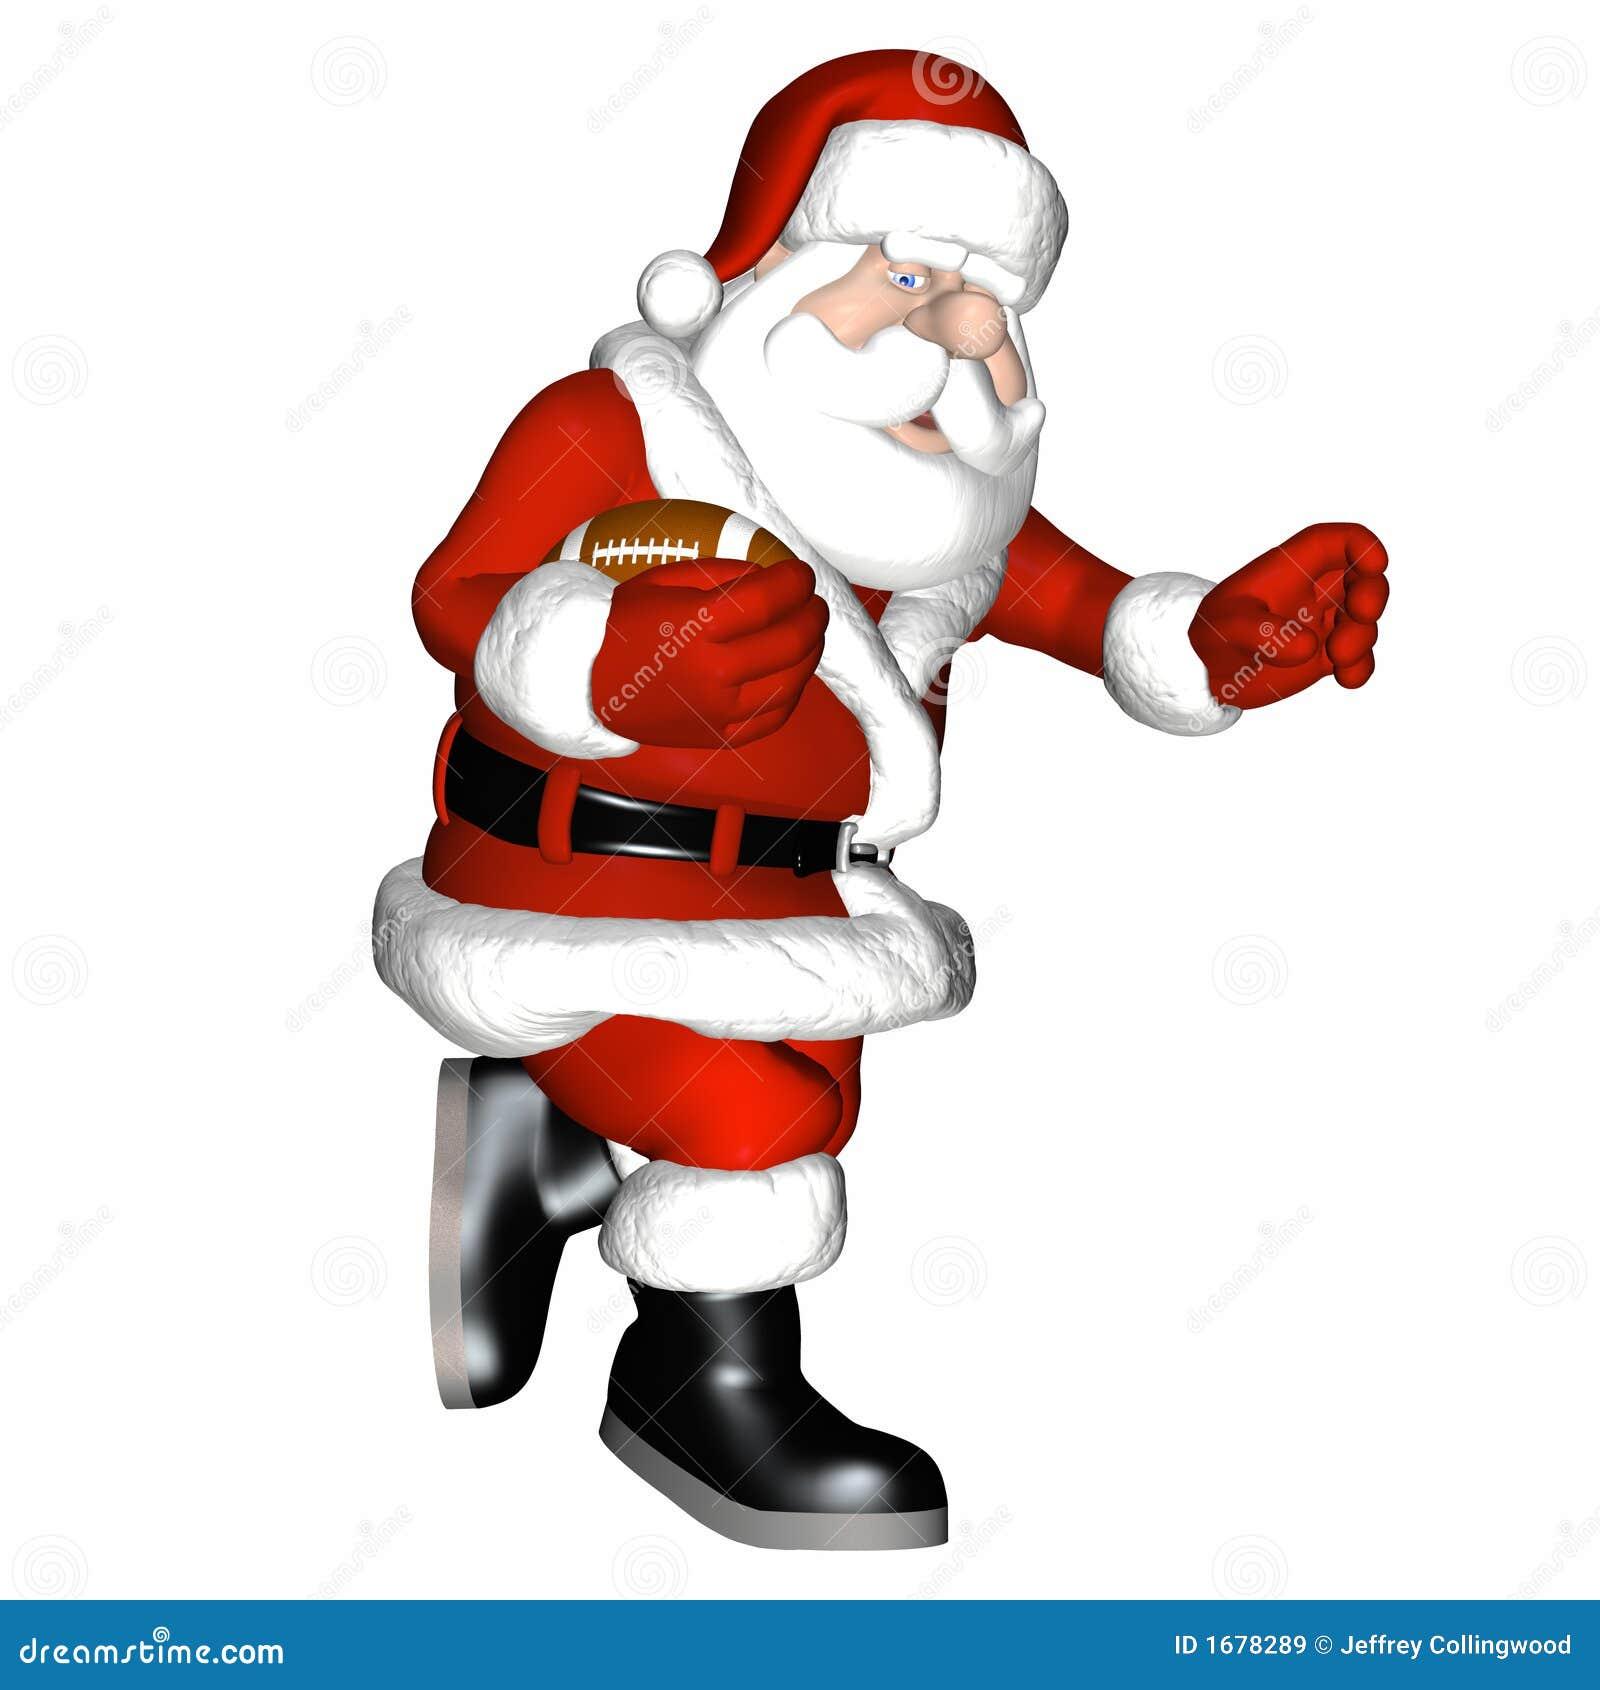 Santa football royalty free stock images image